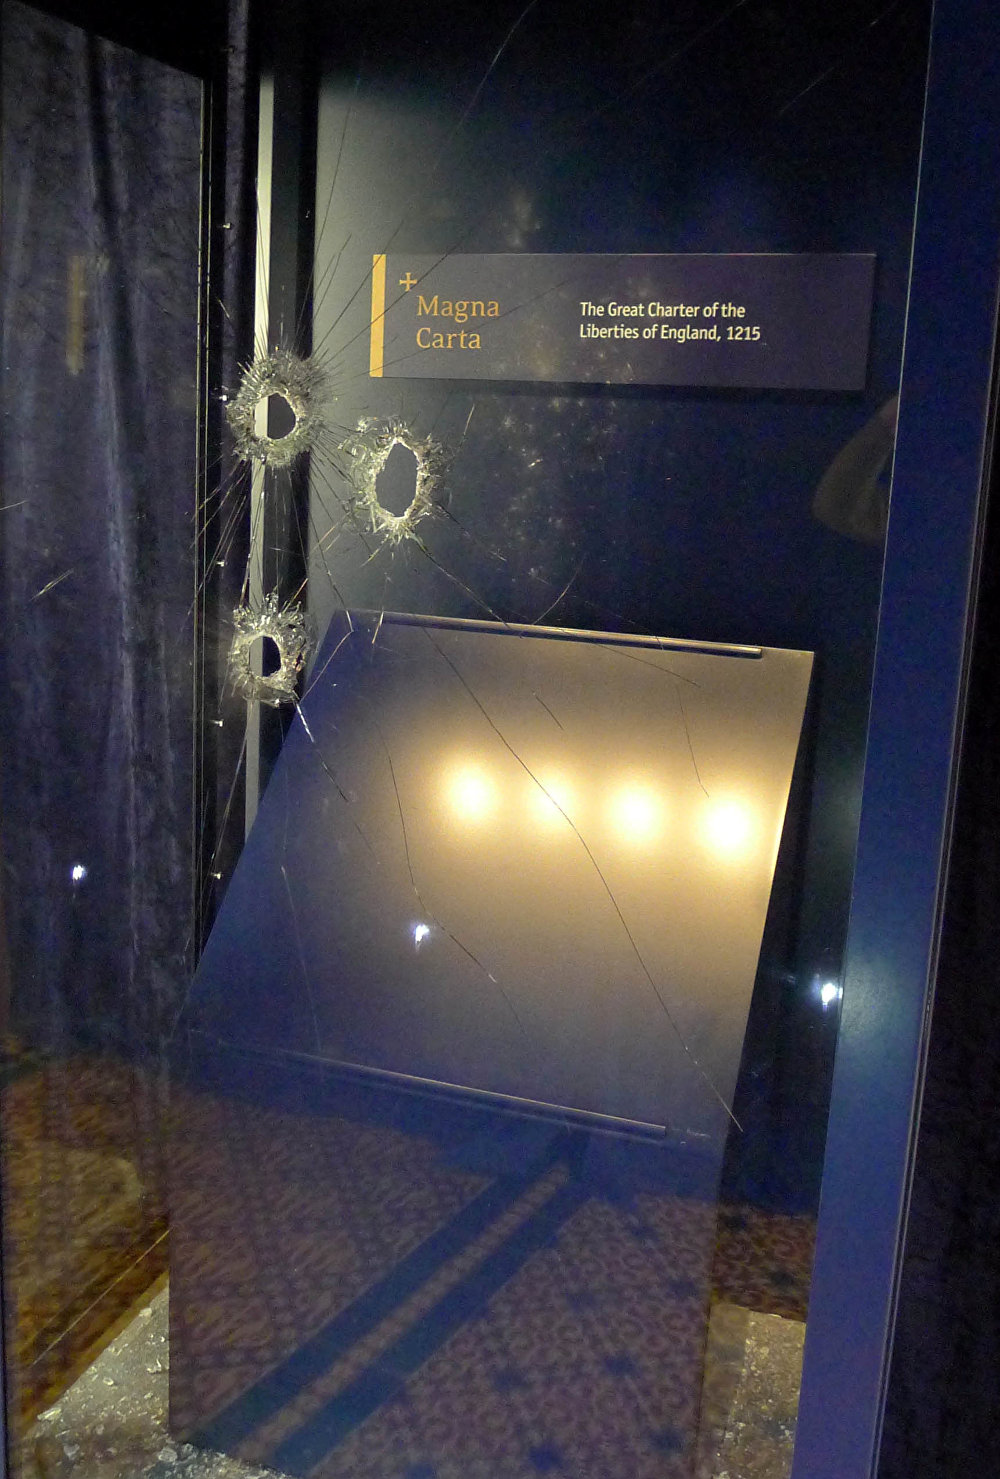 يمكن رؤية الأضرار التي تعرض لها صندوق عرض الماغنا كارتا، إحدى الوثائق الأصلية الأربع في كاتدرائية سالزبوري